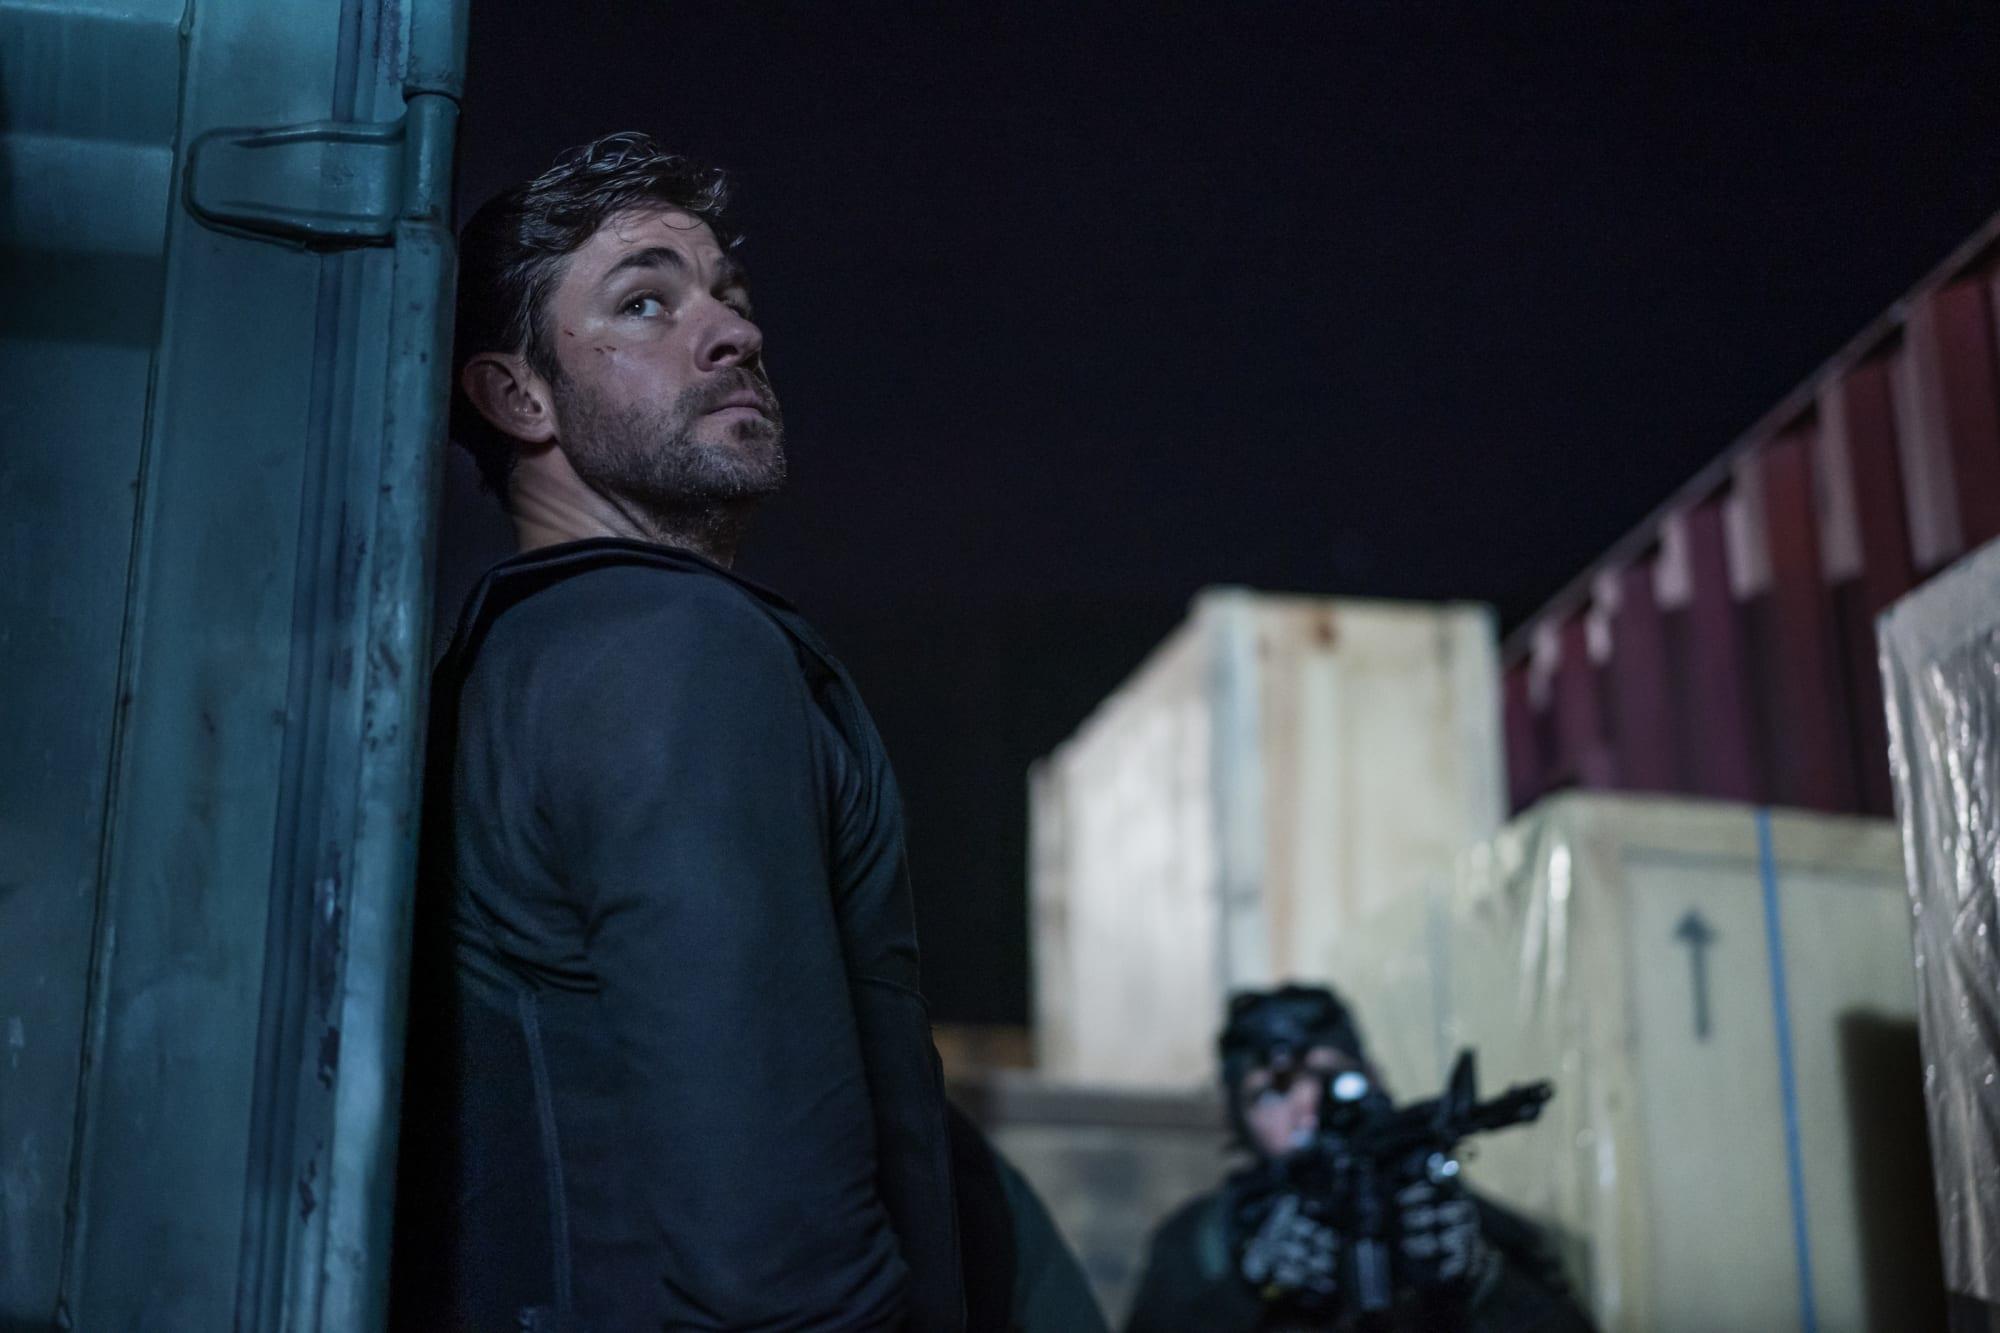 Is Jack Ryan Season 3 coming in 2021?